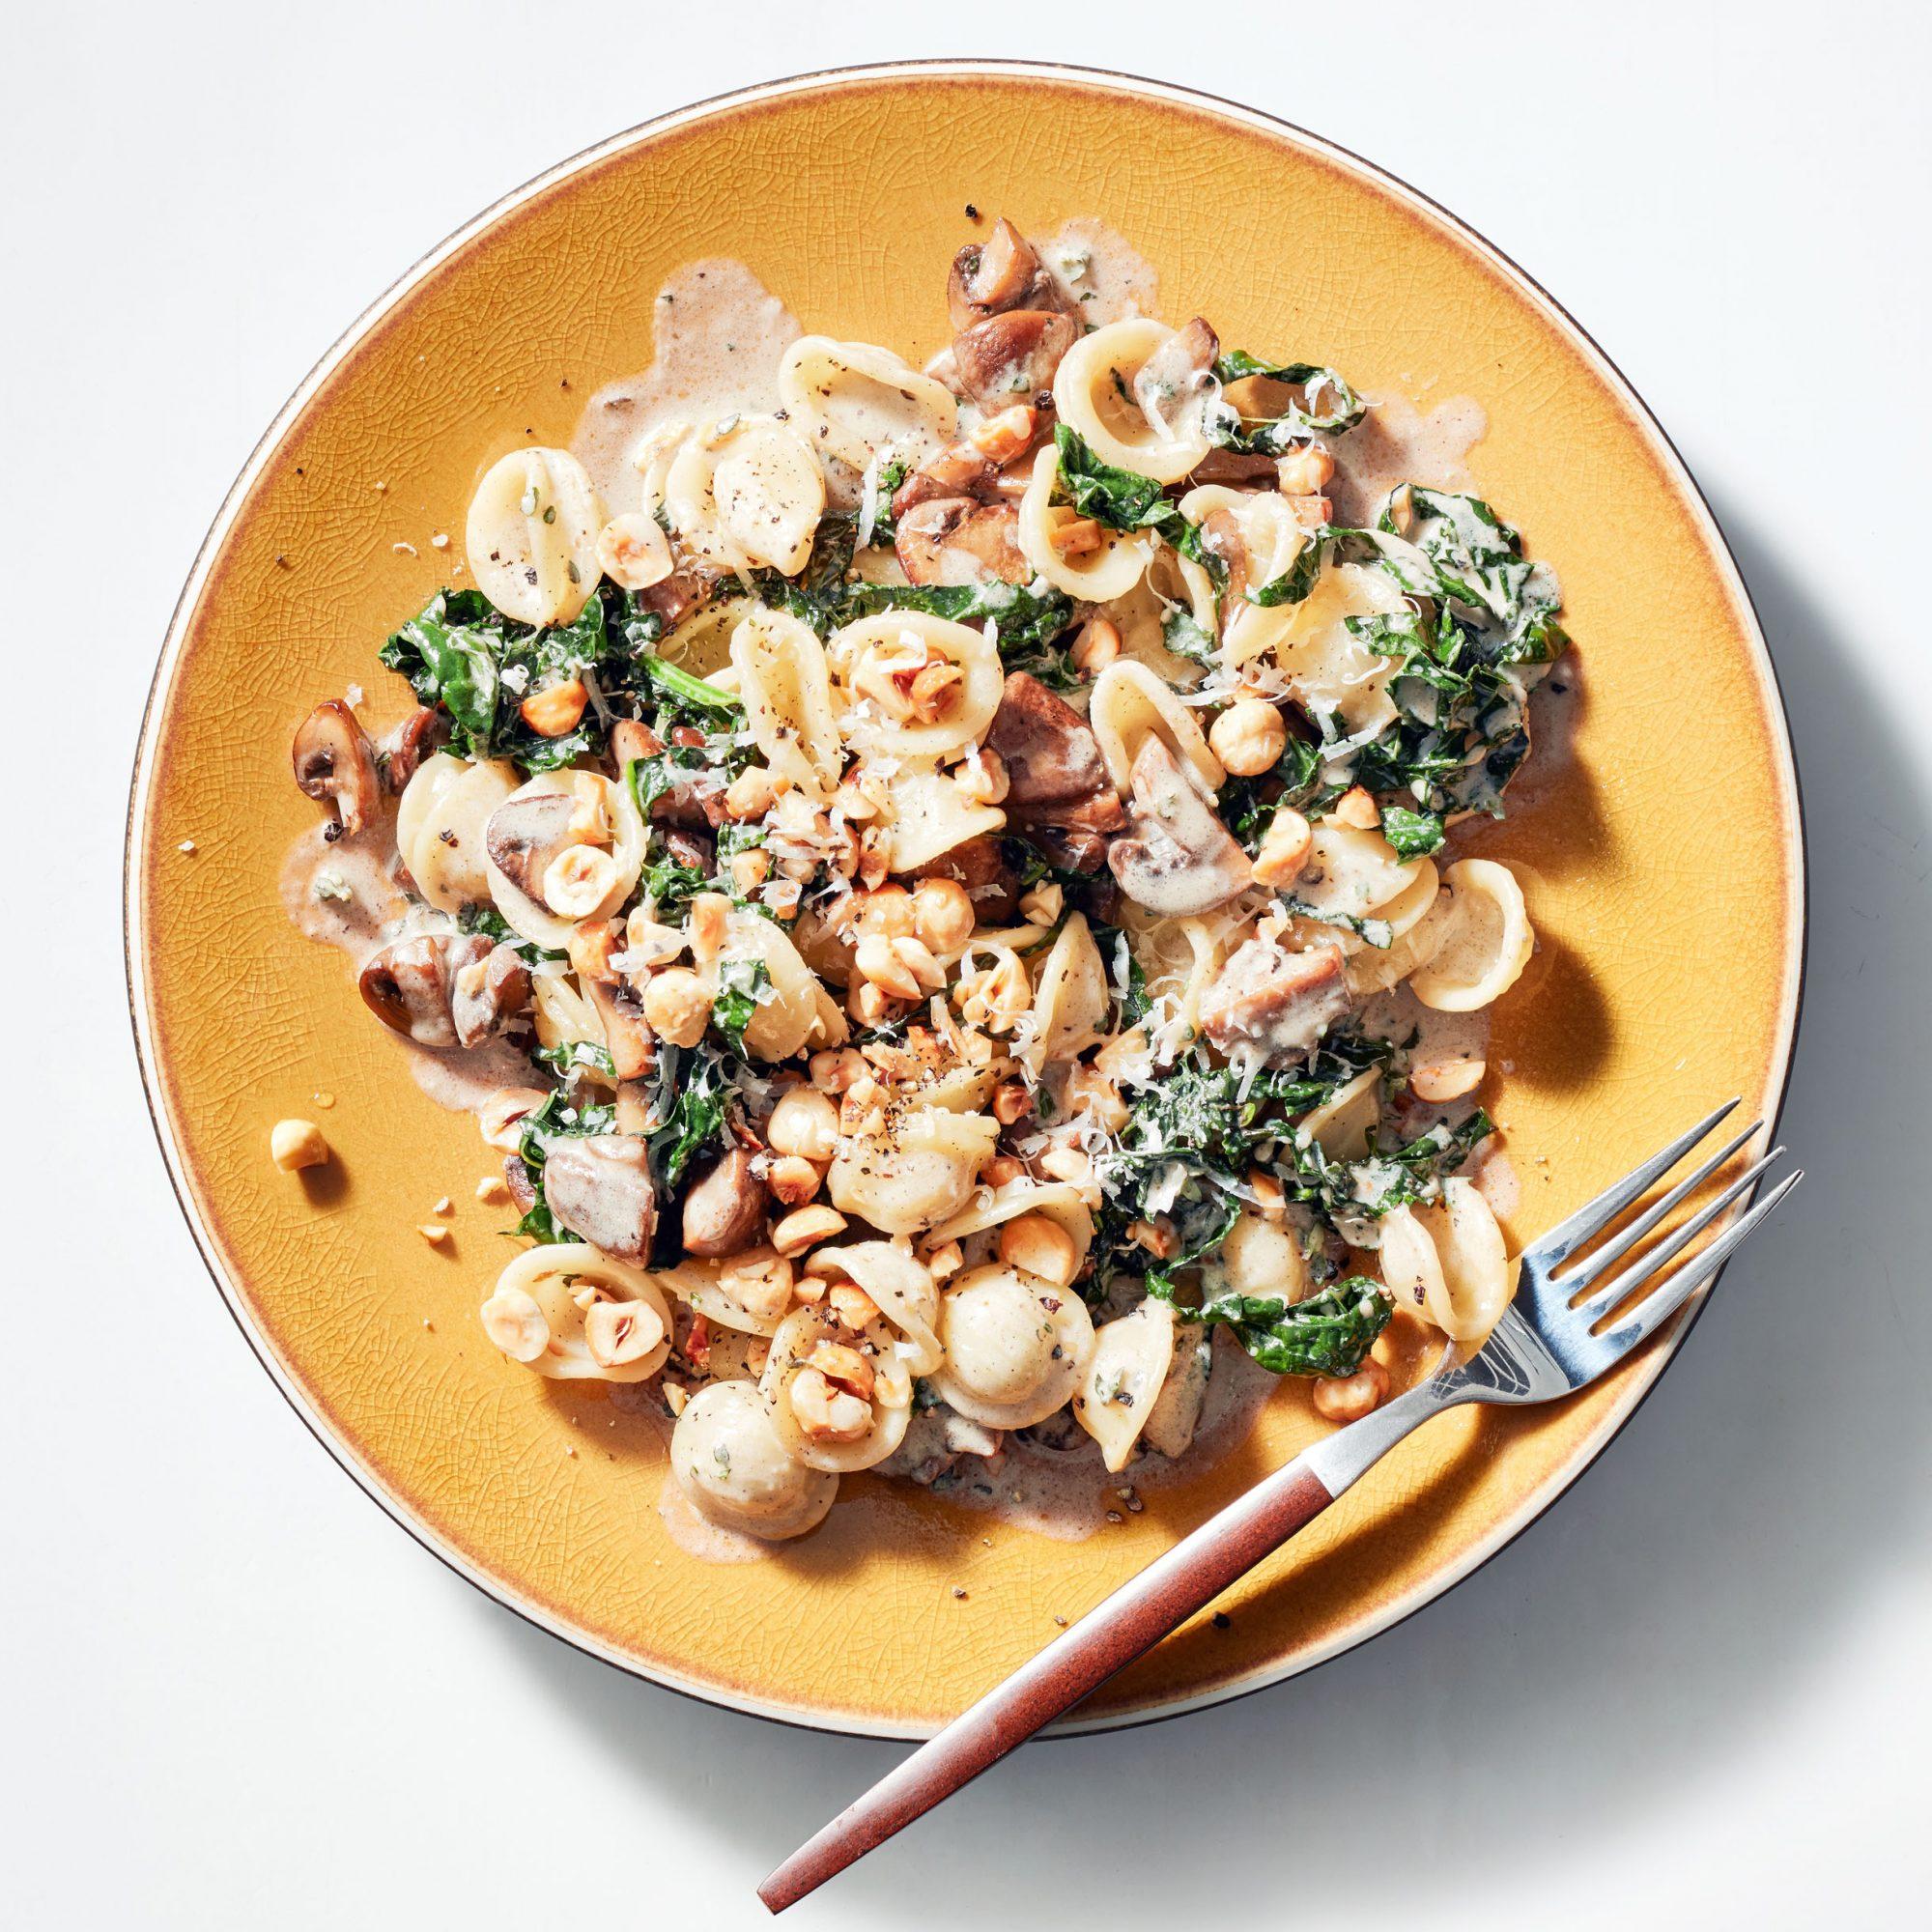 Brown Butter & Cream Orecchiette with Cremini Mushrooms & Kale